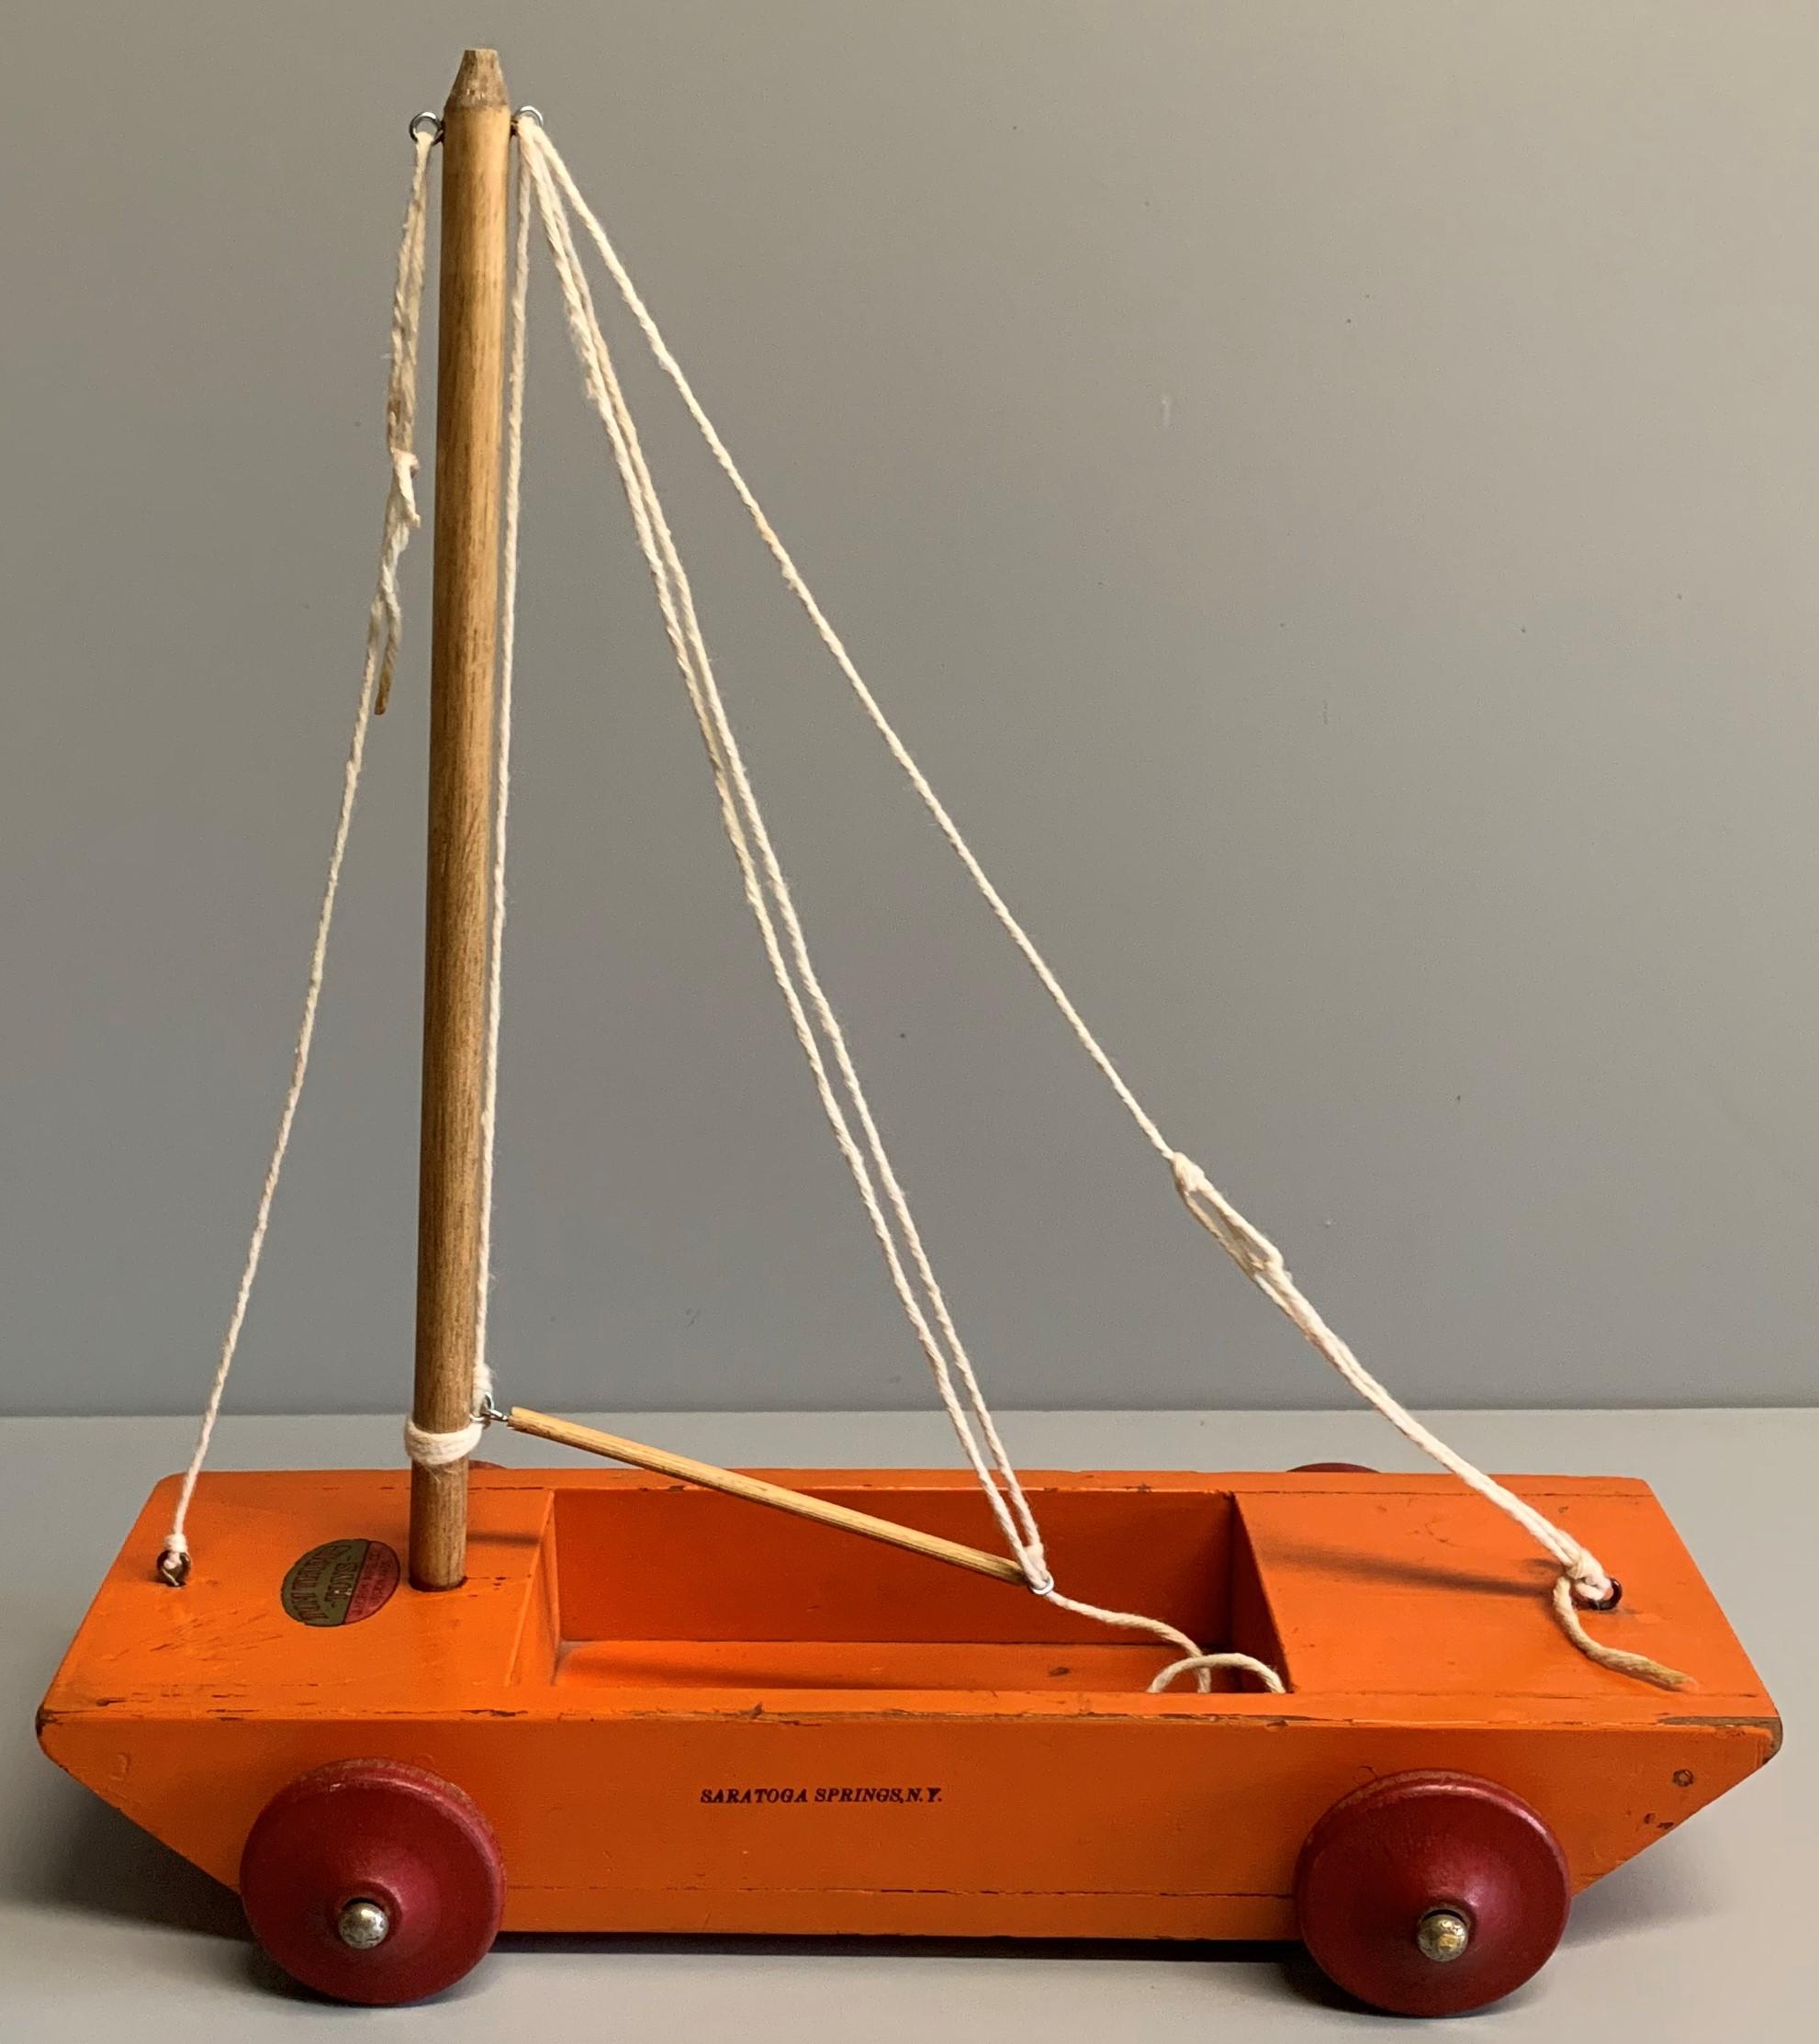 Jacrim Floor Boat